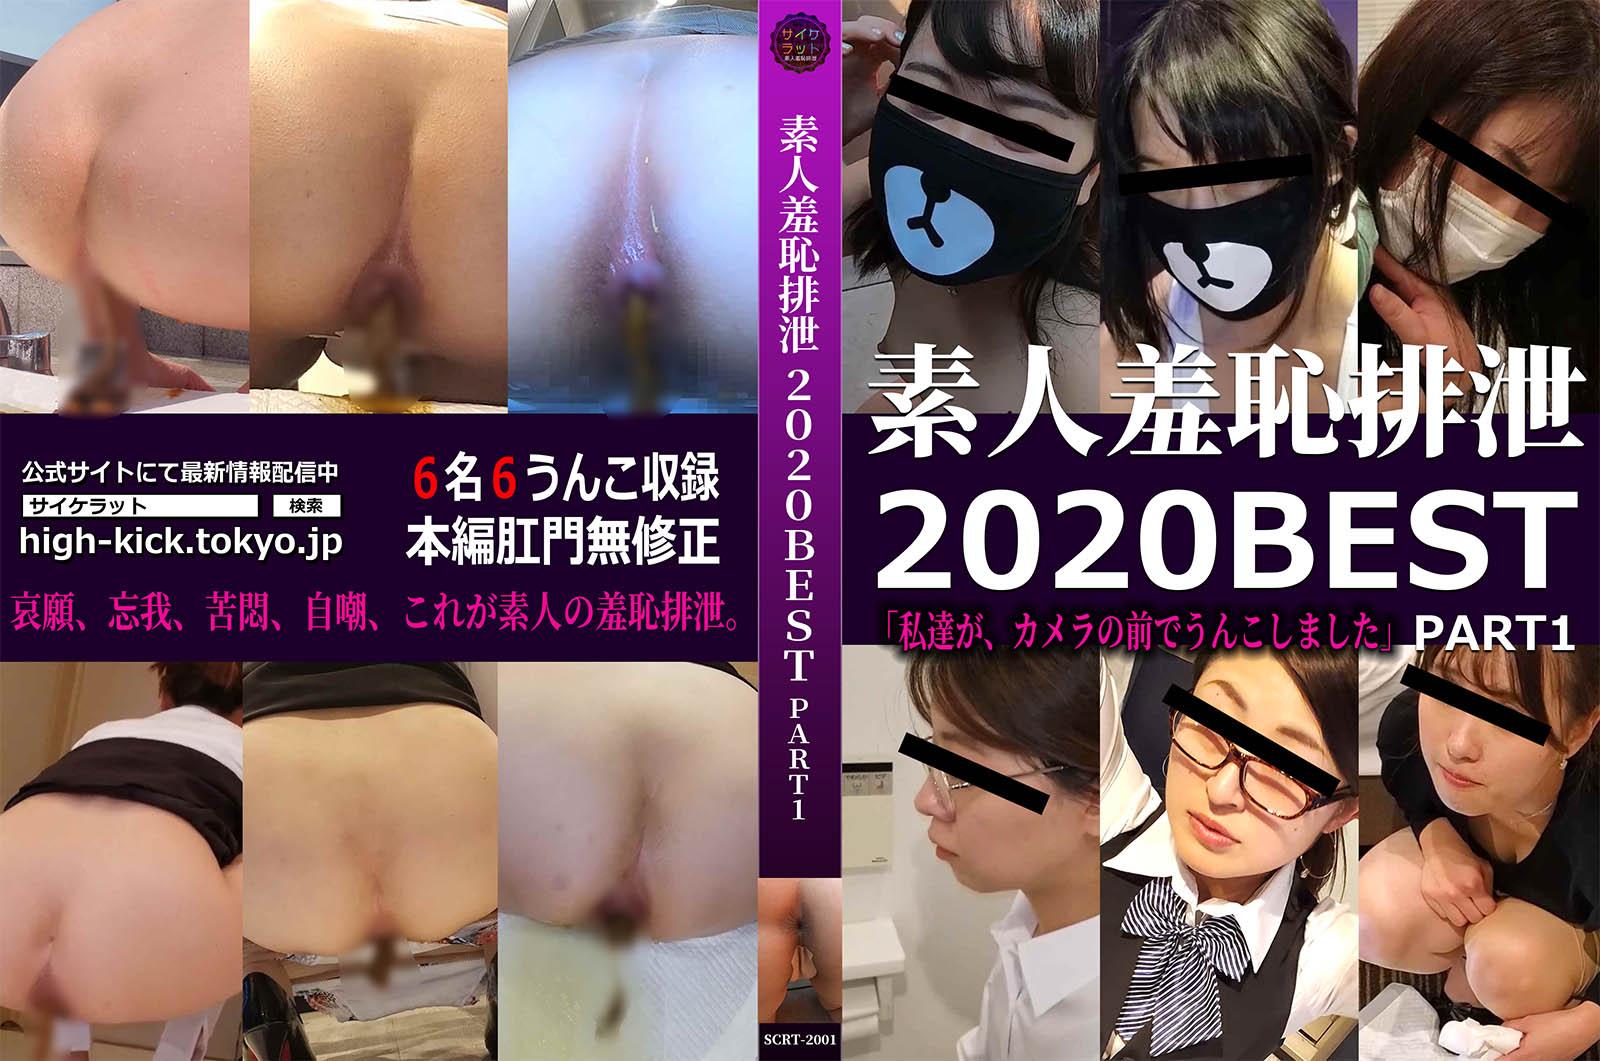 【サイケラット】素人羞恥排泄2020BEST PART1「私達が、カメラの前でうんこしました」 【委託作品】